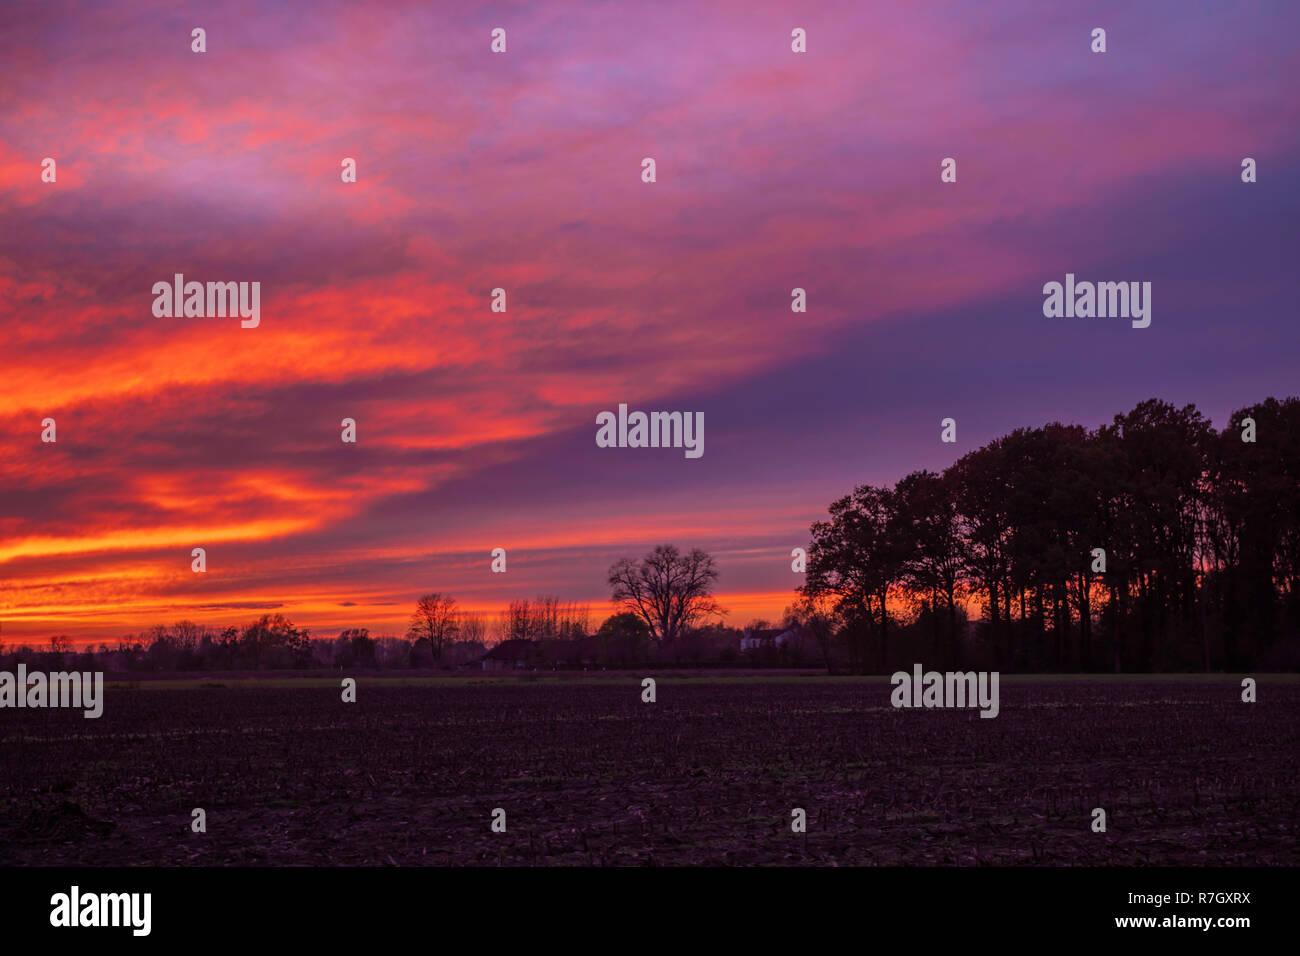 Die goldene Stunde, auch genannt Magic Hour, ist ein Begriff aus der Fotografie, die den kurzen Zeitraum zeigt nach Sonnenaufgang und vor Sonnenuntergang, in denen ich Stockbild